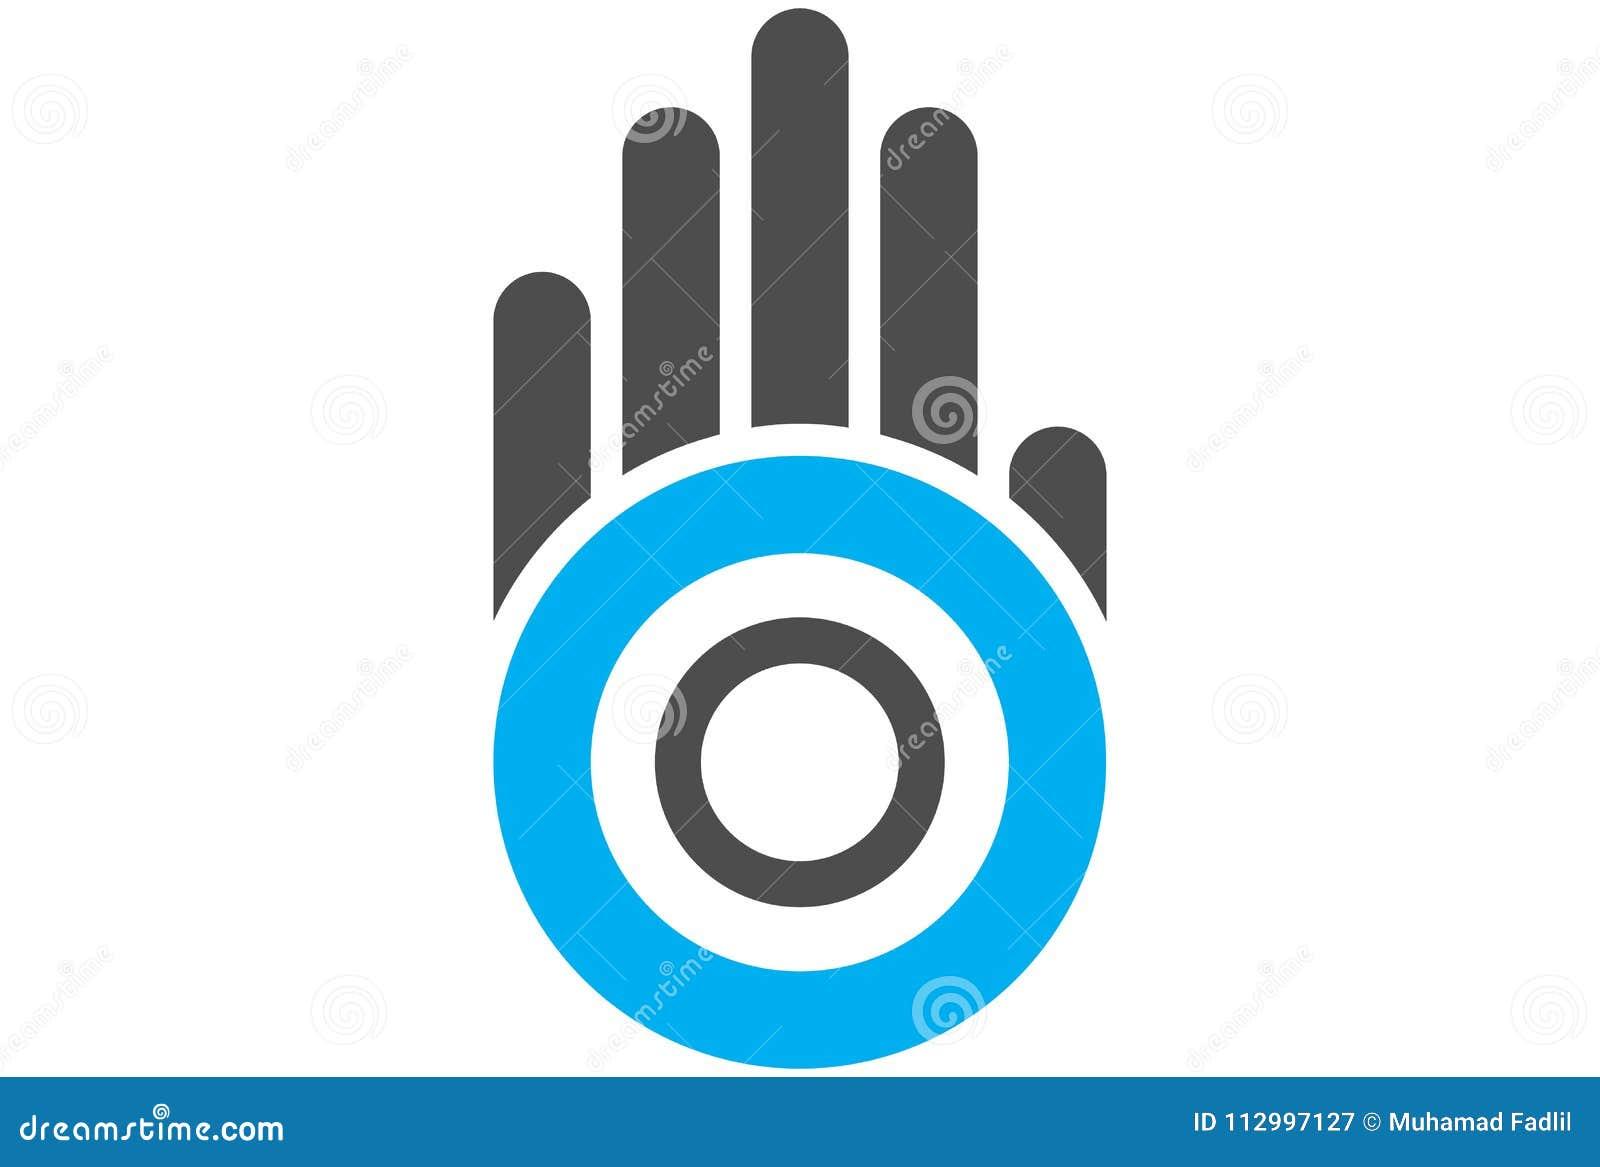 Logotipo da letra o do círculo da mão